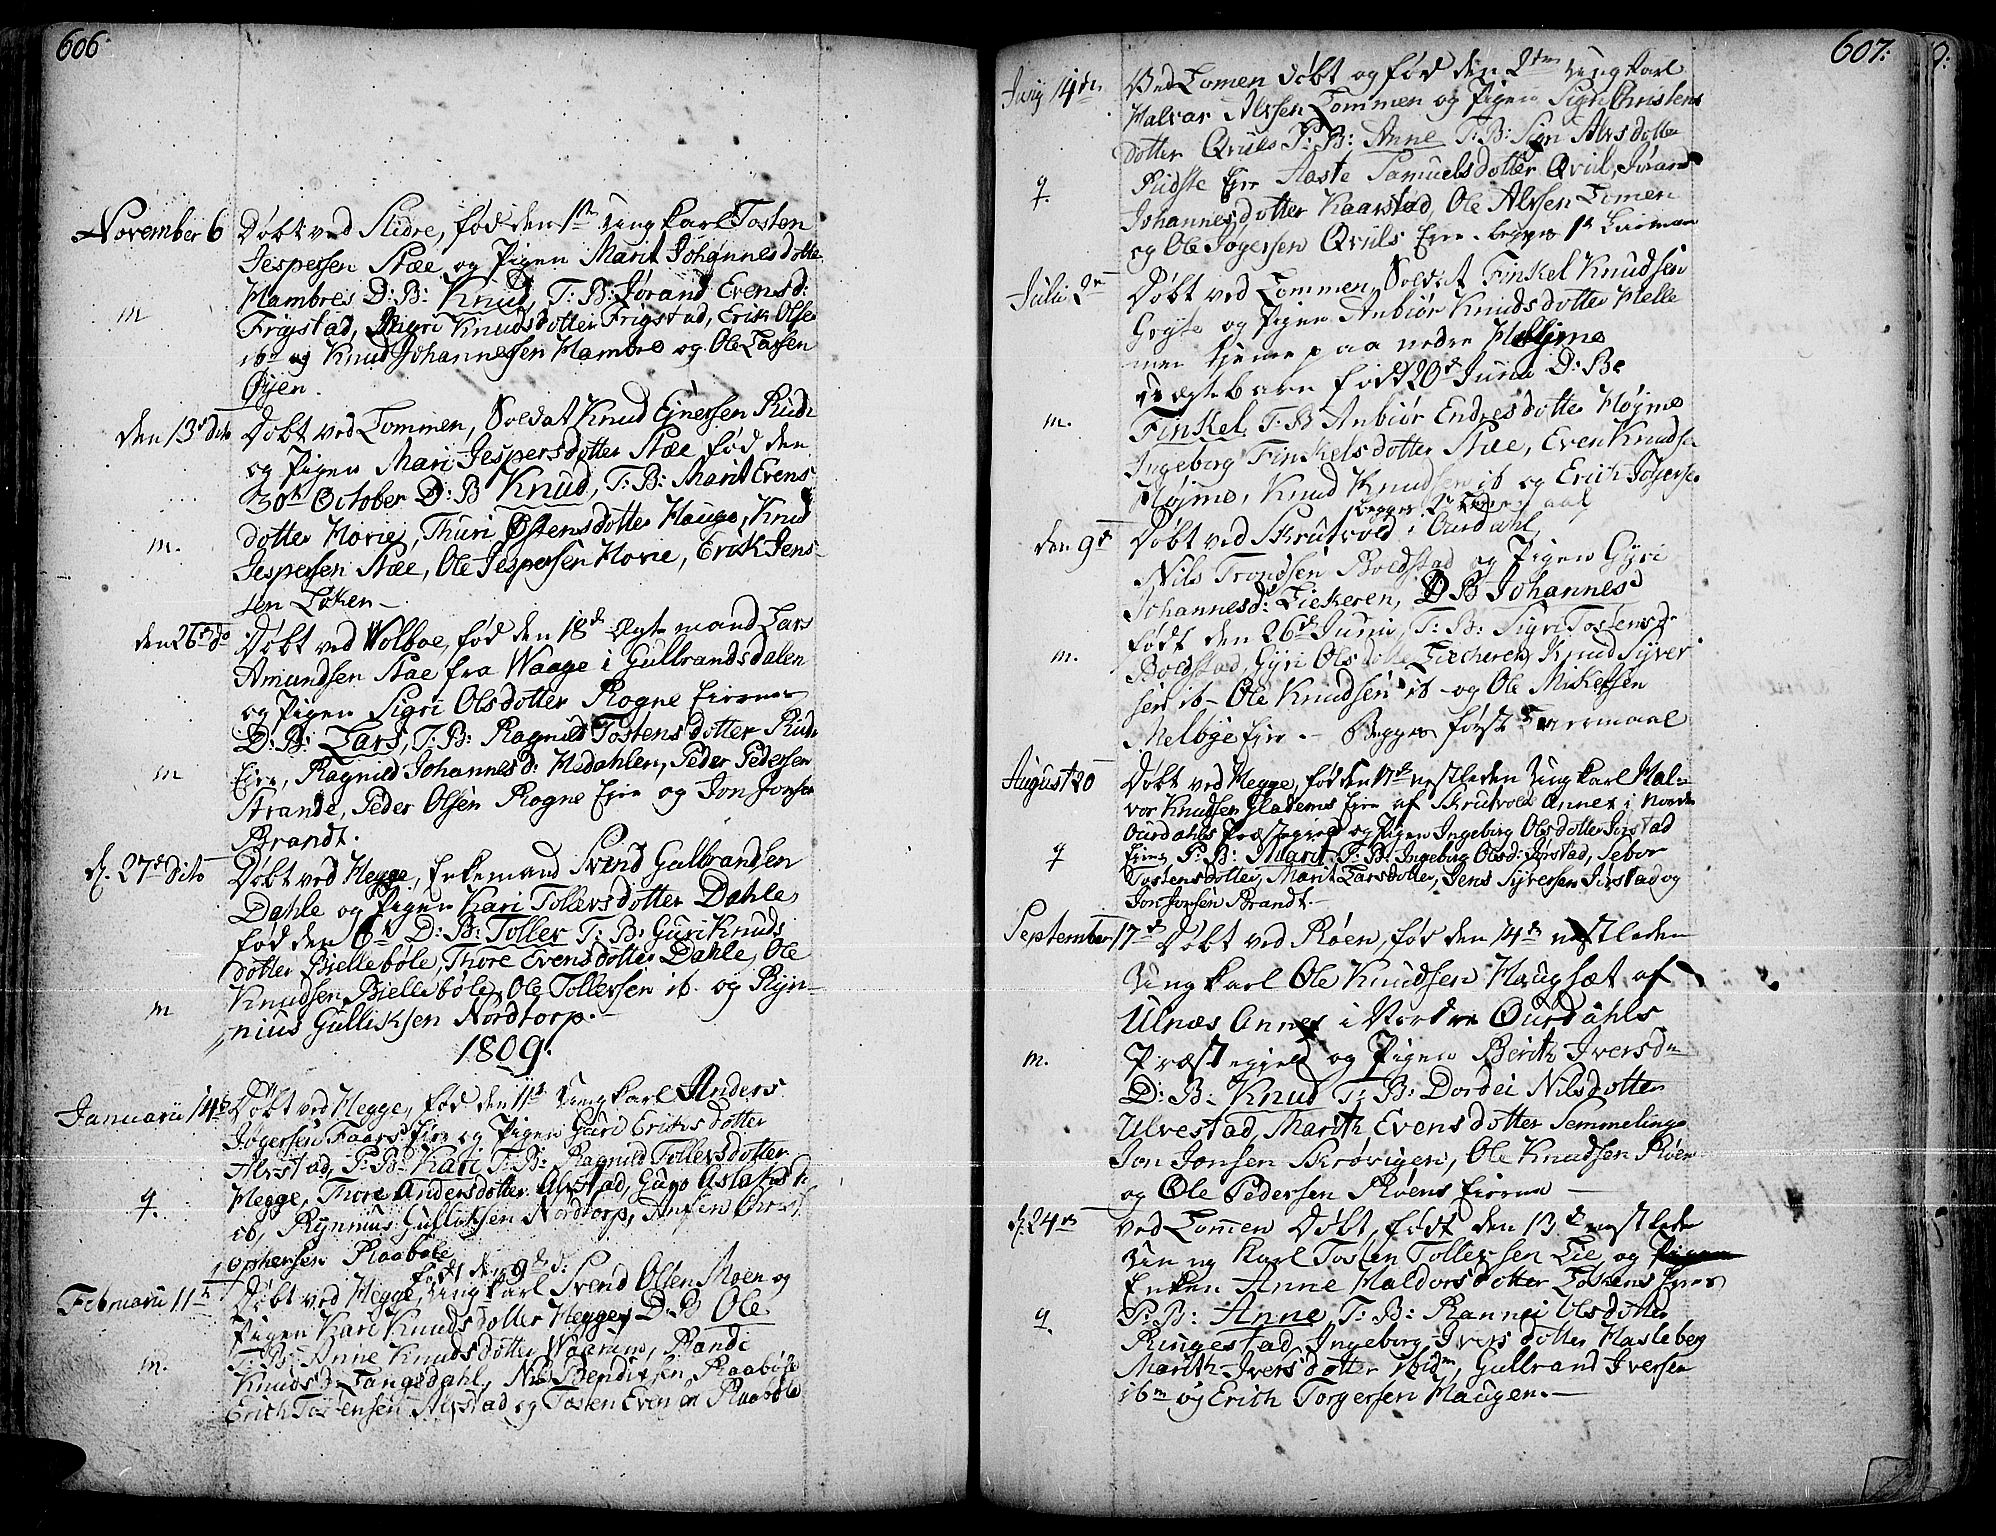 SAH, Slidre prestekontor, Ministerialbok nr. 1, 1724-1814, s. 606-607